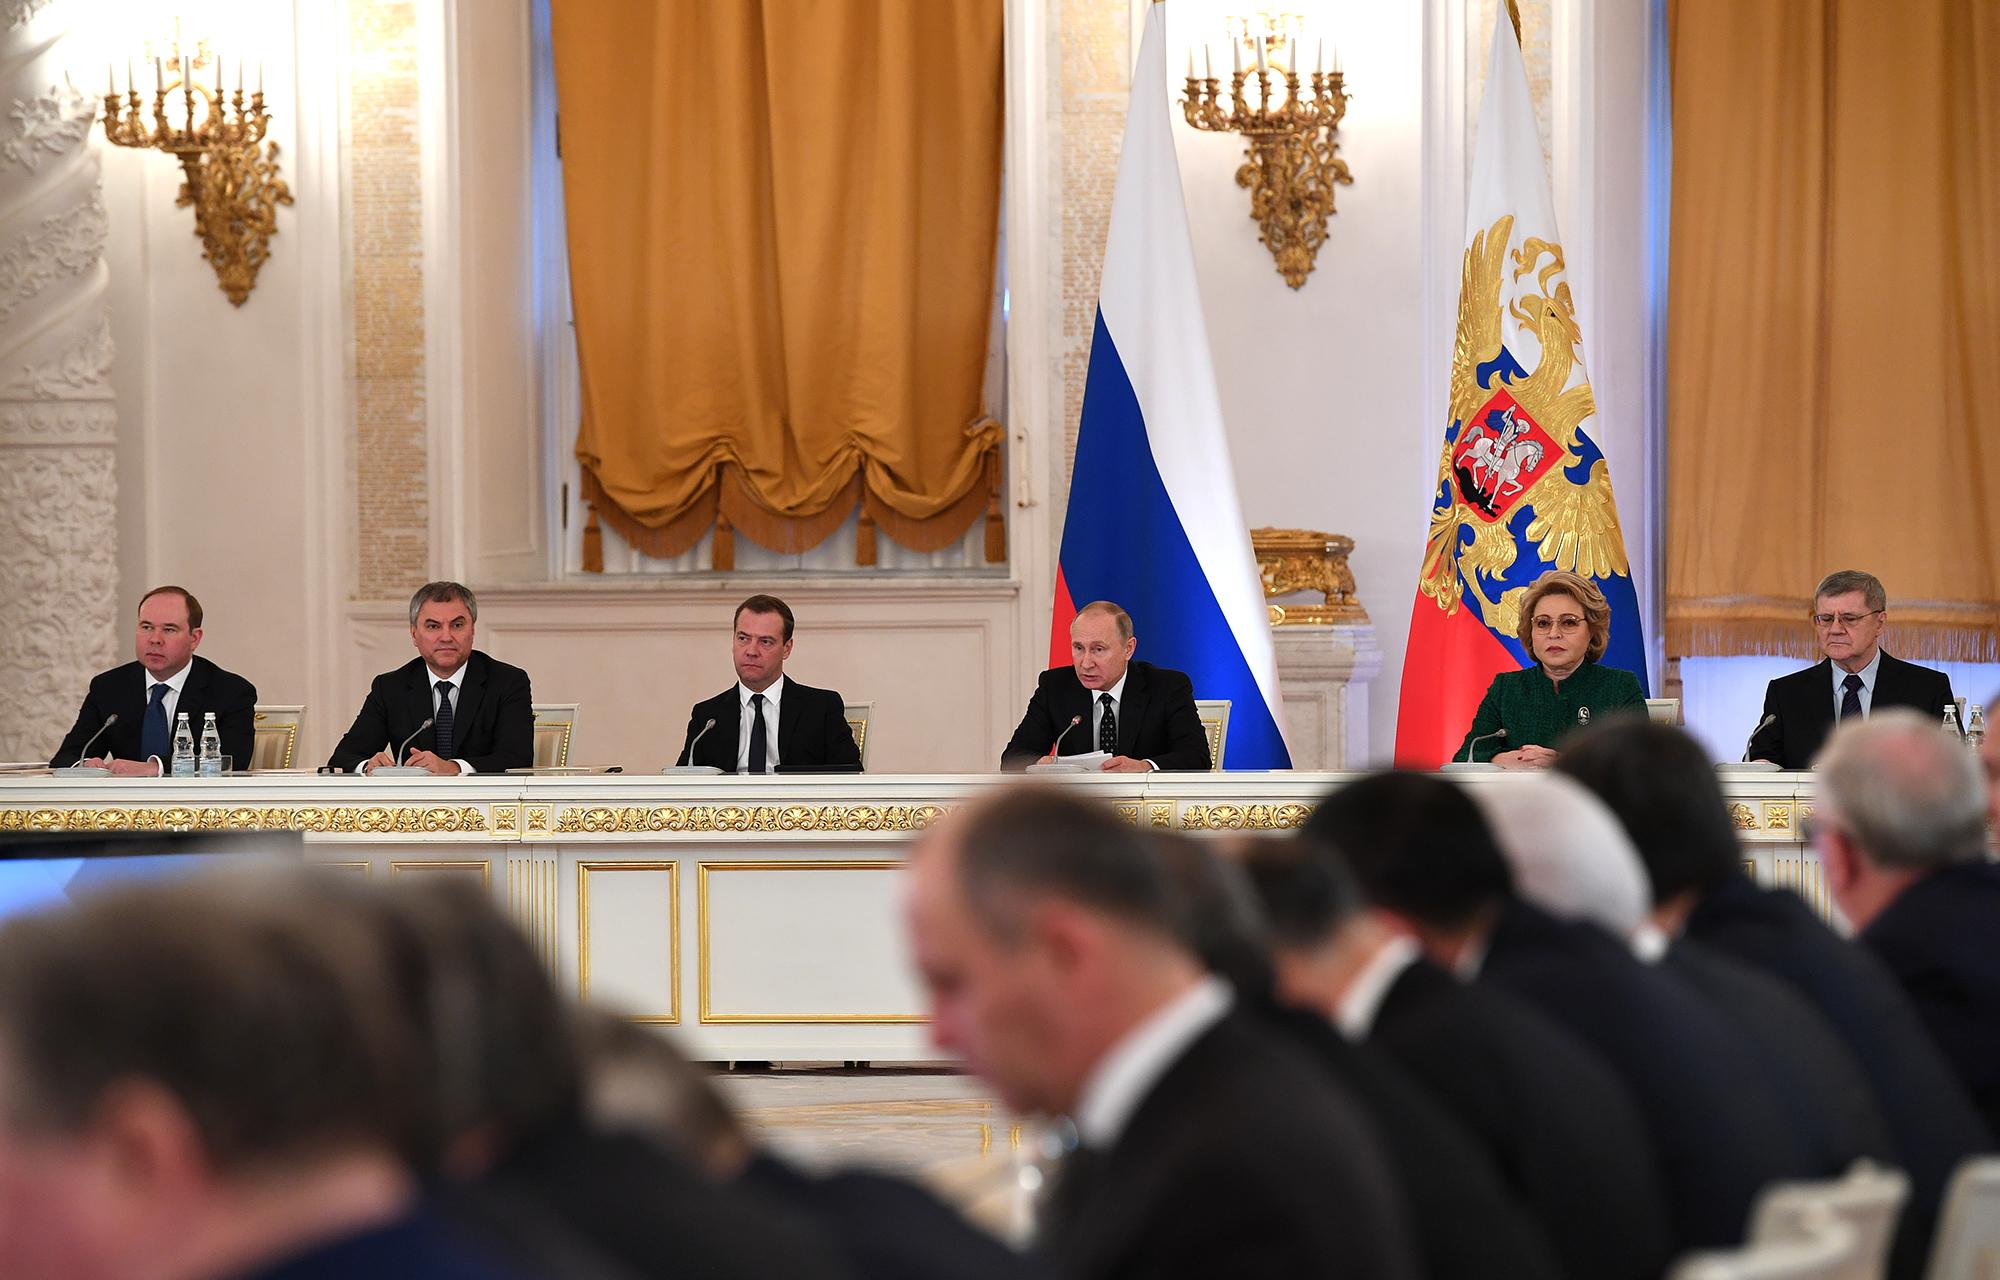 Государственный совет рф: зачем путин вносит госсовет в конституцию?